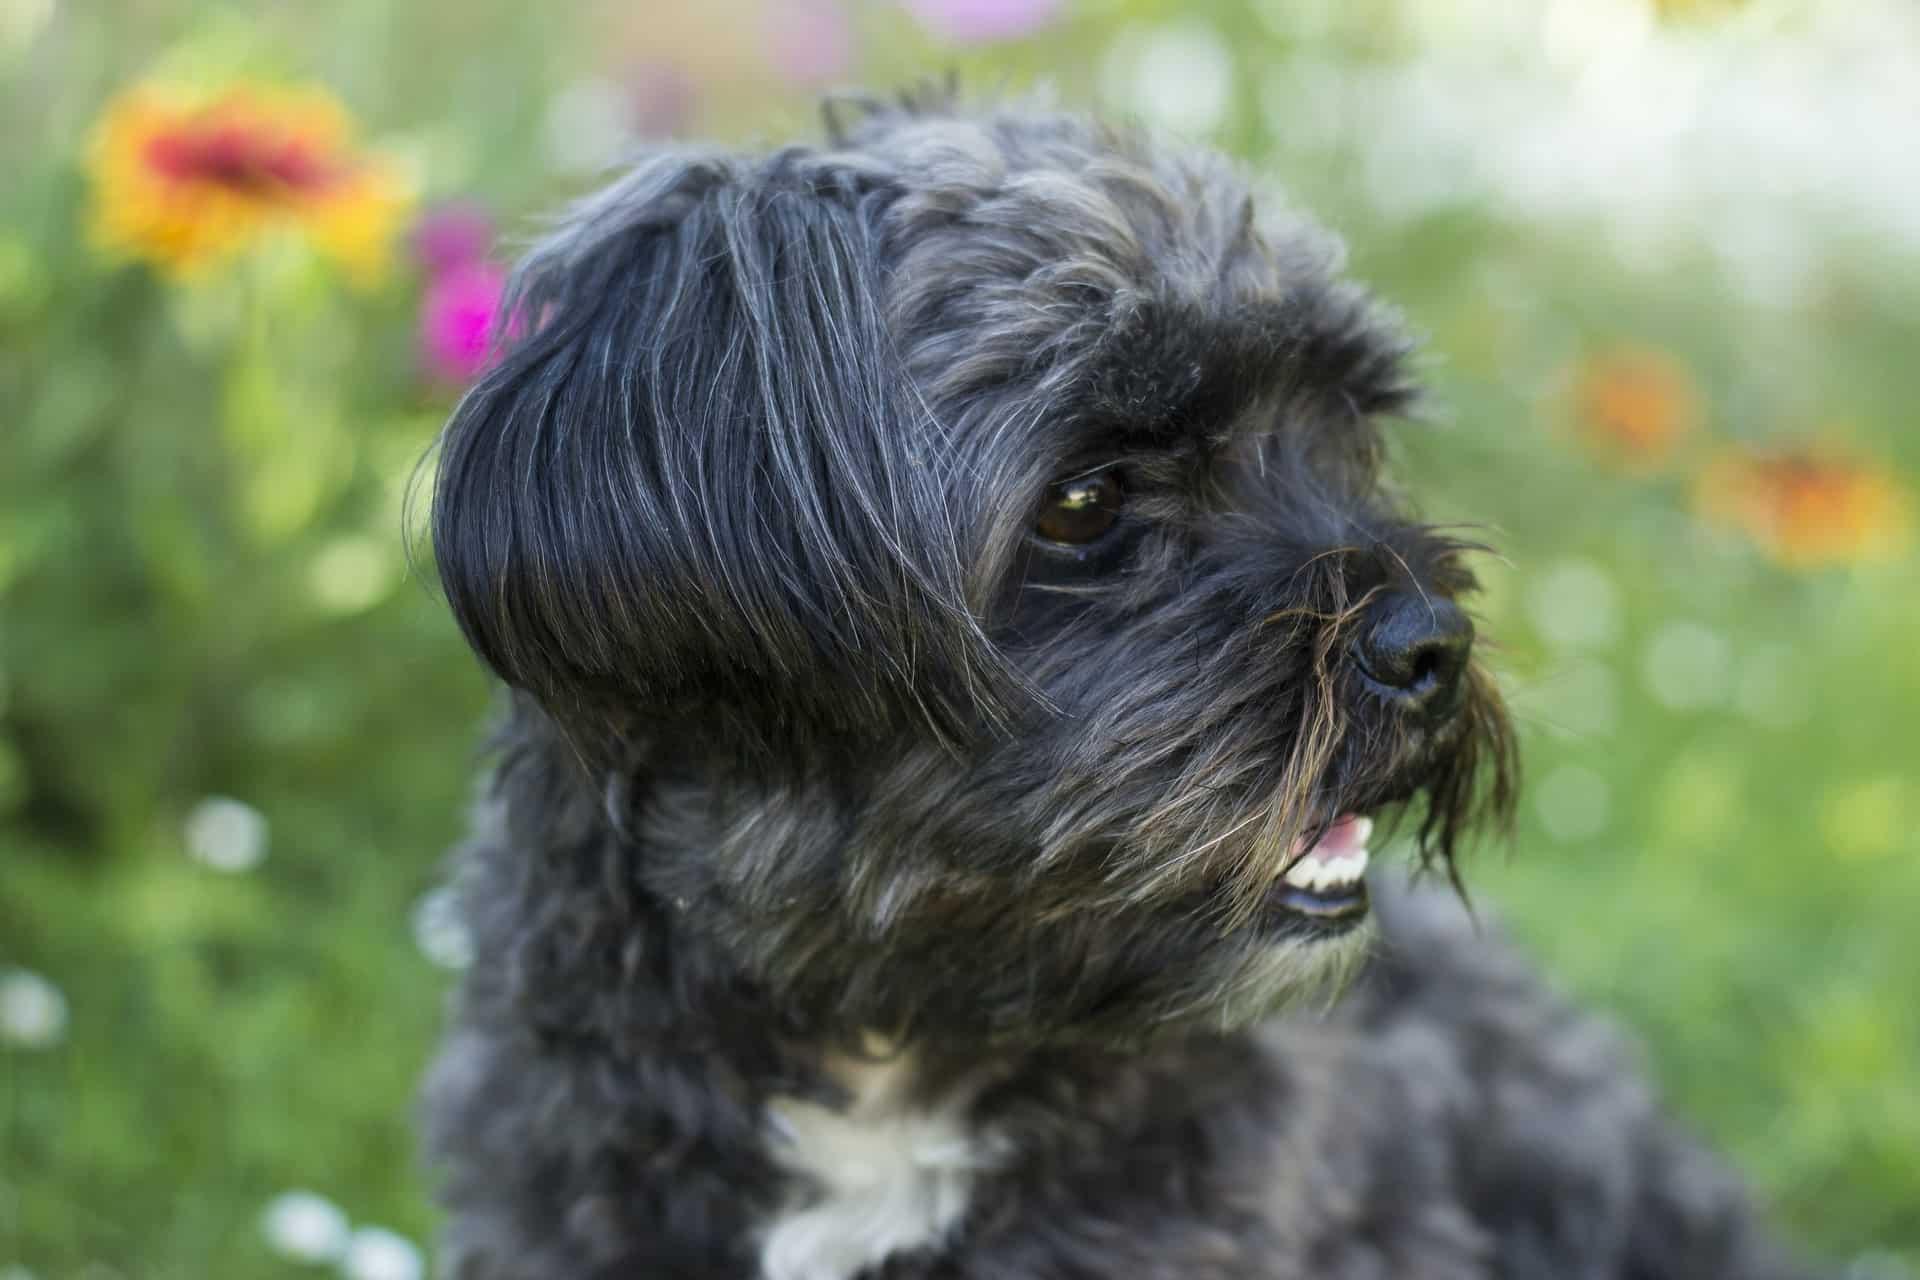 Affenpinscher breed info NewDoggy.com